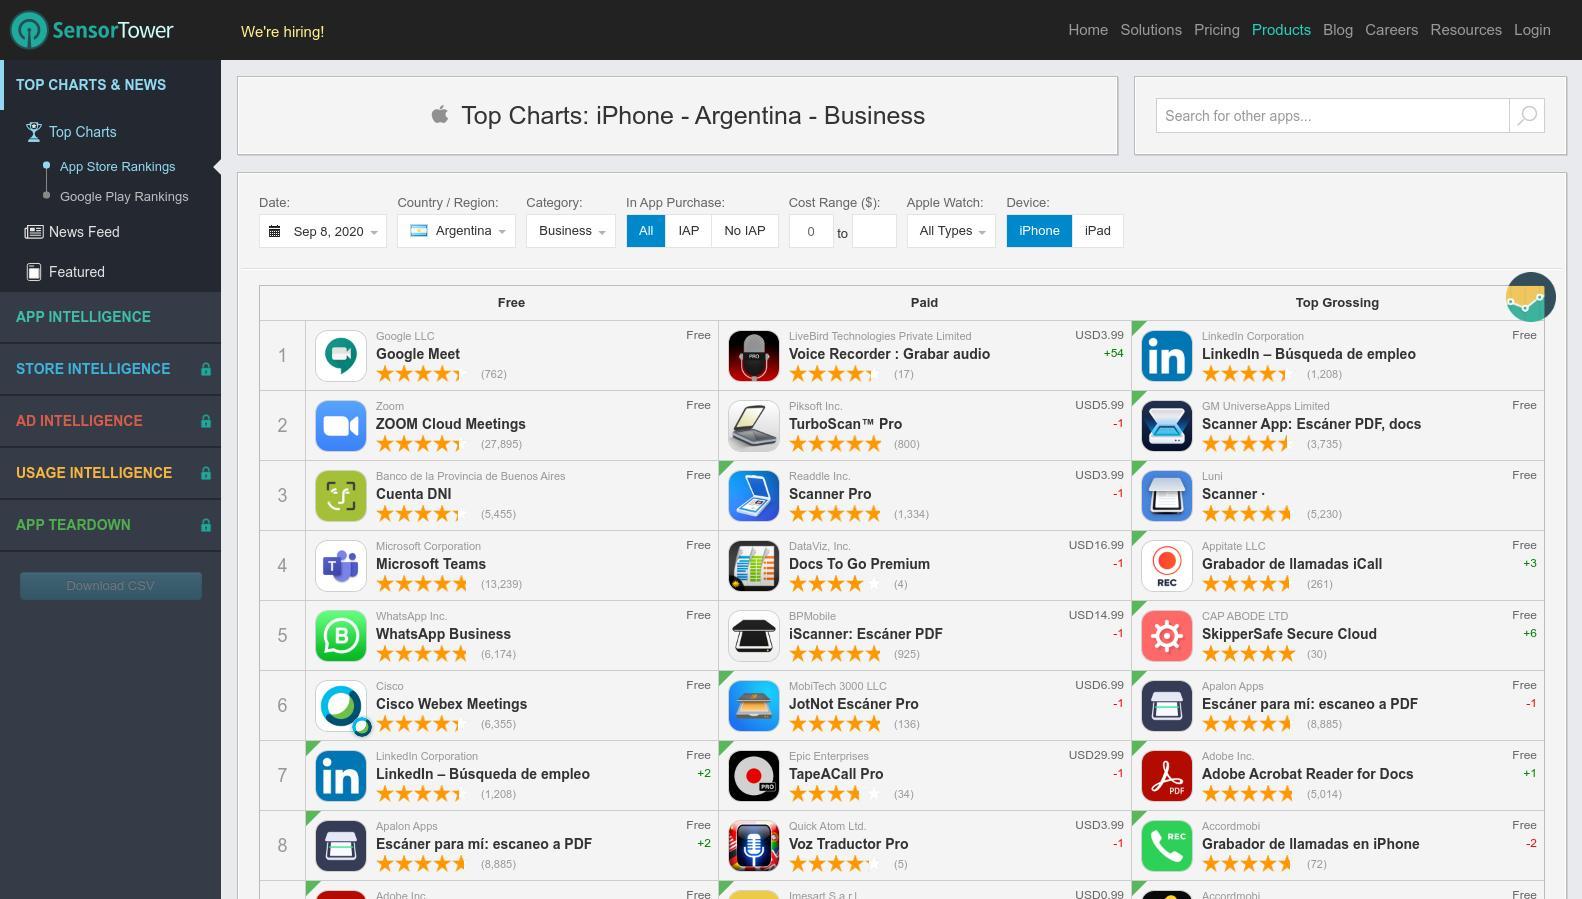 La app más descargada el 11 de septiembre fue Google Meet